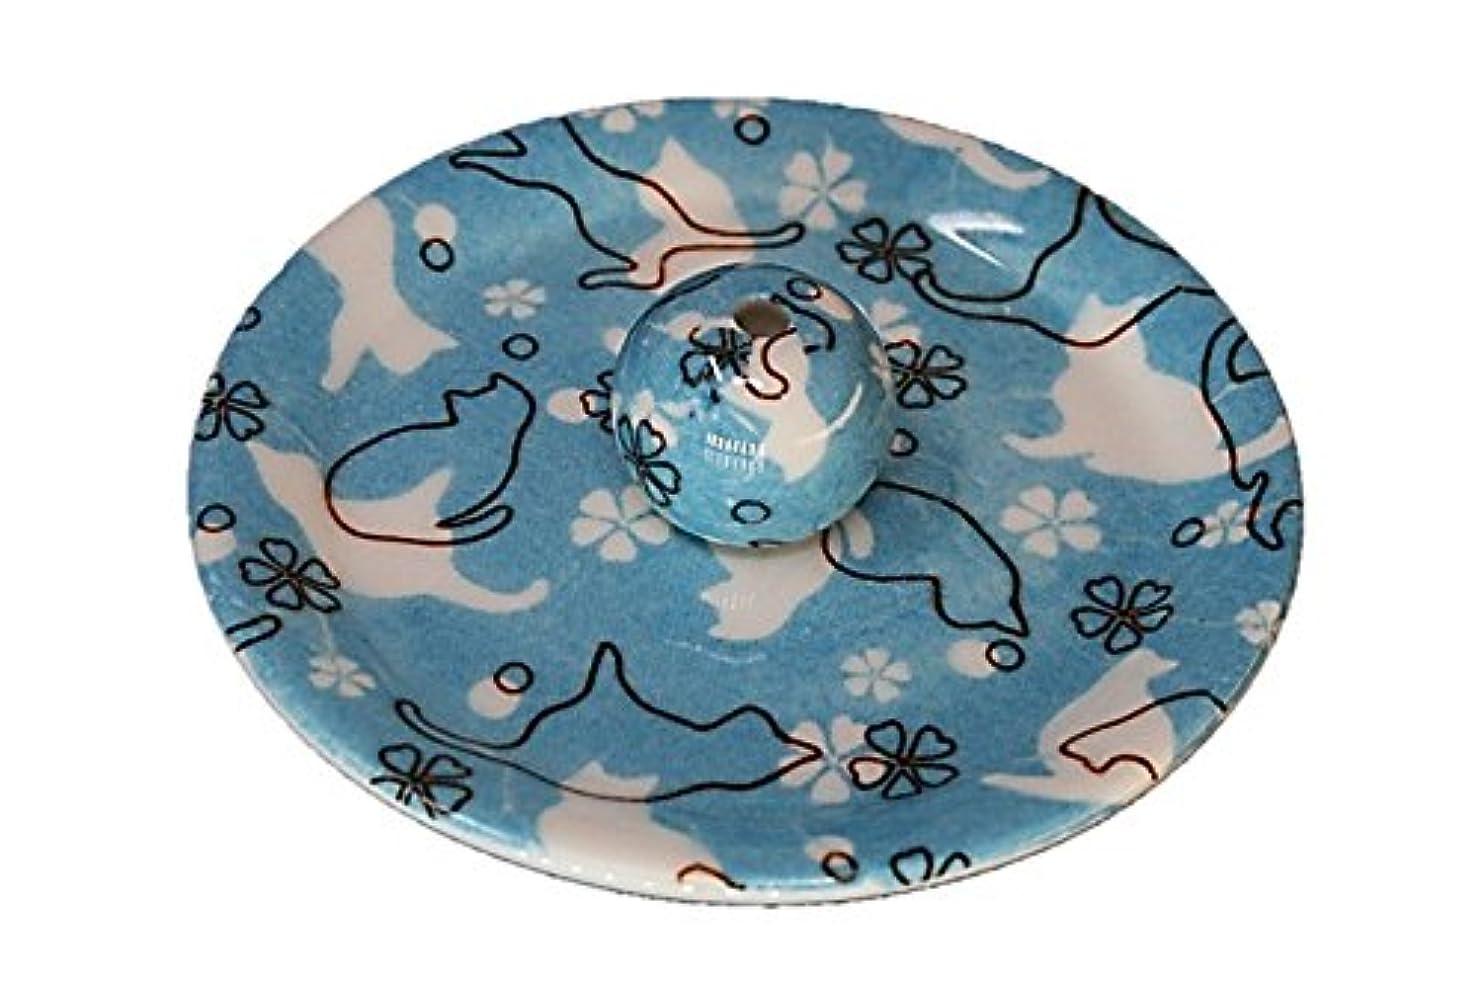 ポイント反対する発行9-45 ねこランド(ブルー) 9cm香皿 日本製 お香立て 陶器 猫柄